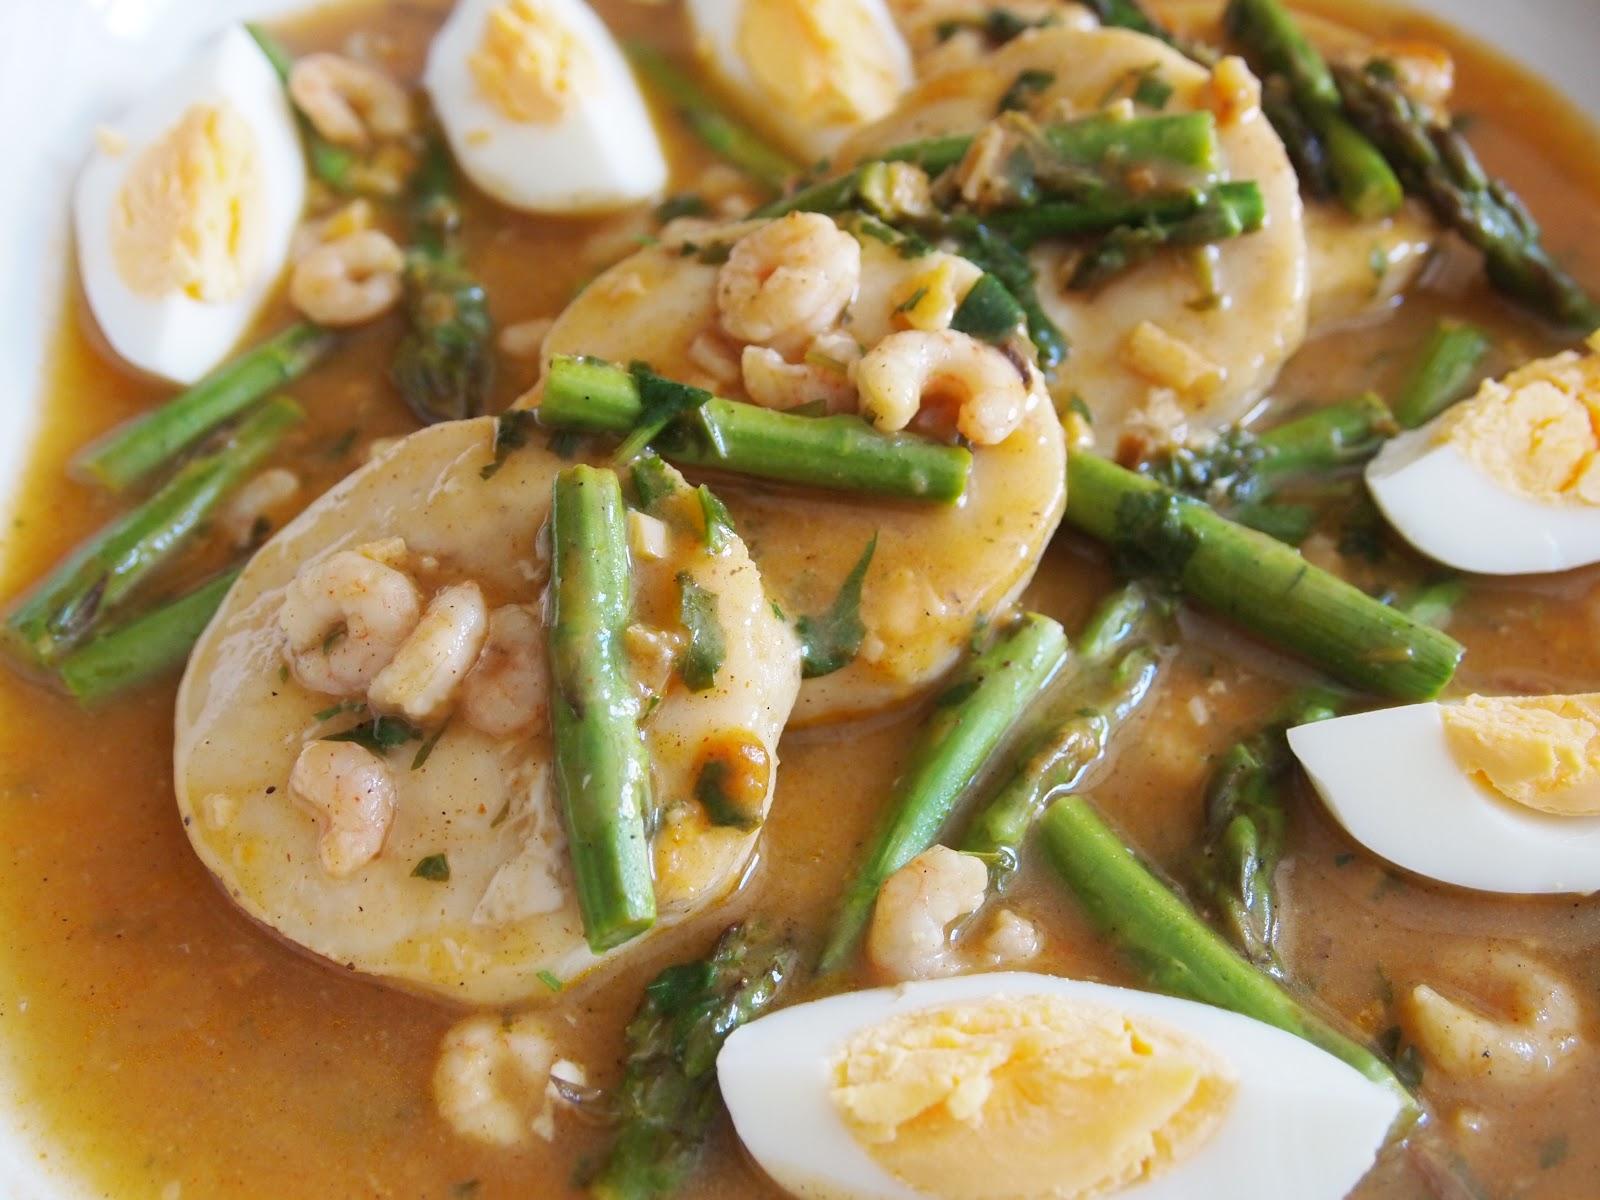 La cocina de gema y eva medallones de merluza a la vasca for Cocinar merluza a la vasca